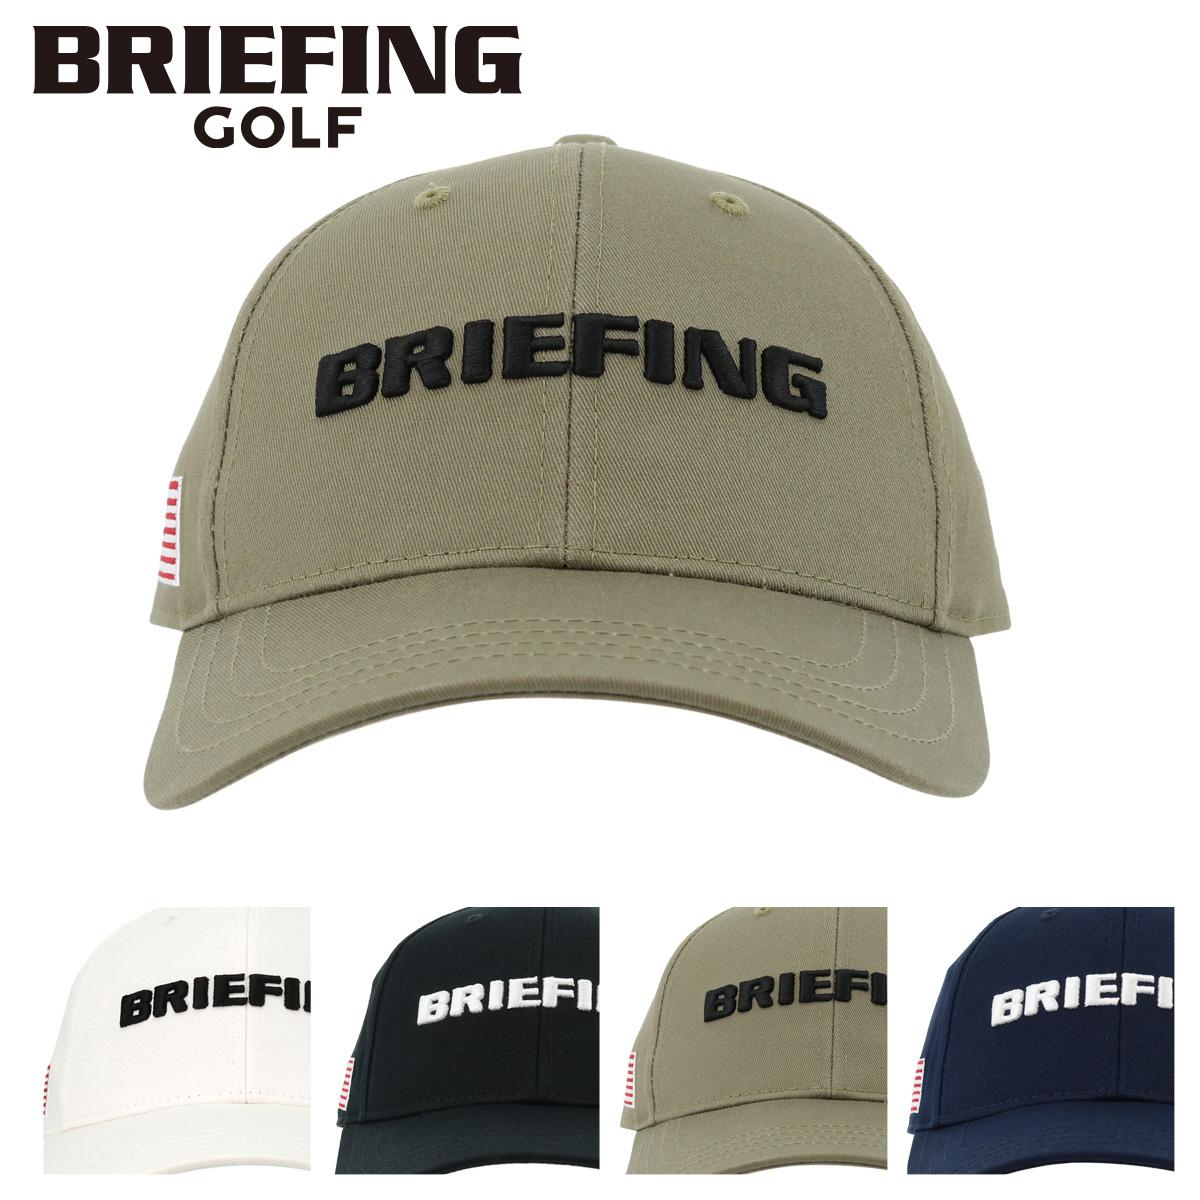 送料無料 あす楽 おすすめ ブリーフィング ゴルフ キャップ メンズ BRG201M44 帽子 サイズ調節可能 PO10 bef 即日発送 BRIEFING ついに再販開始